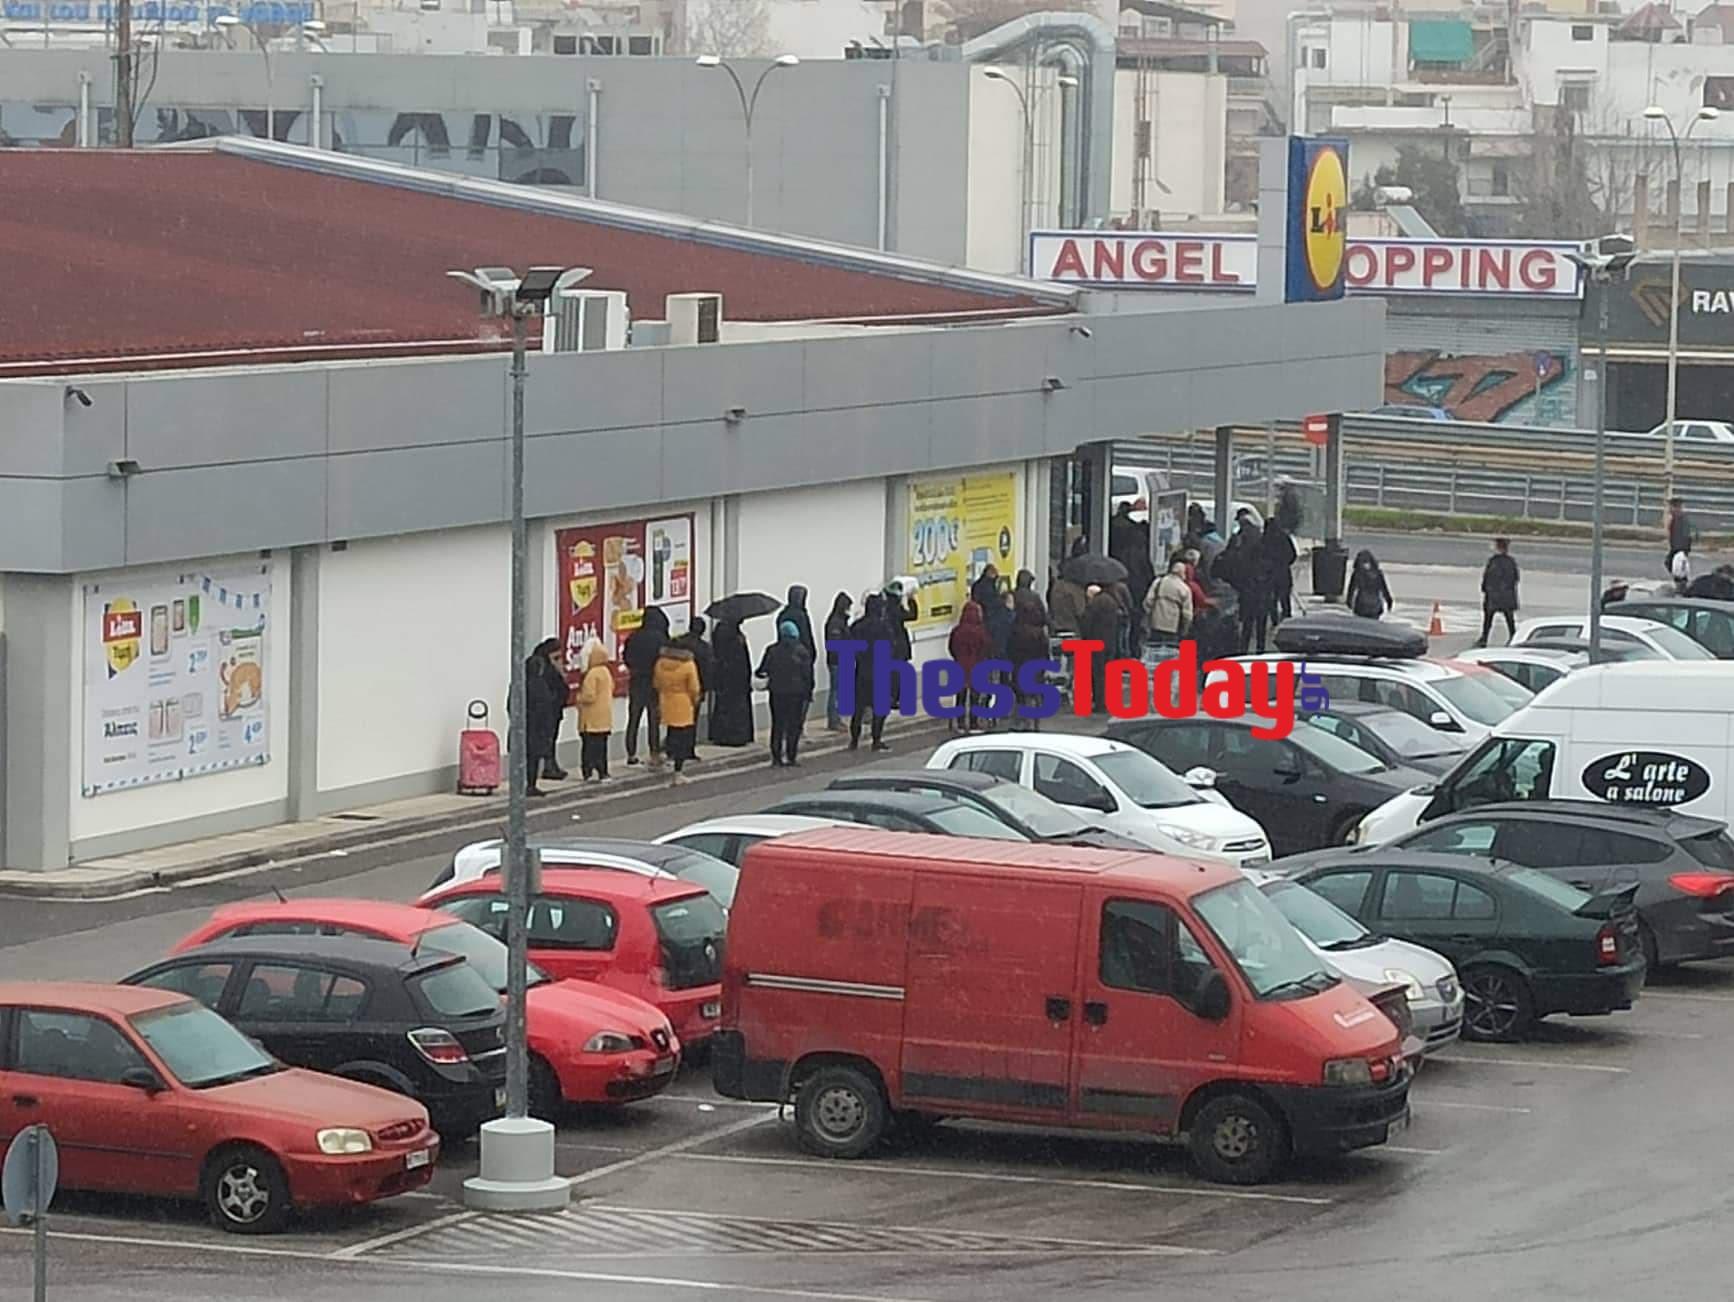 Θεσσαλονίκη: Ατελείωτες ουρές έξω από σούπερ μάρκετ – Η δύσκολη αναμονή στον χιονιά (pics)